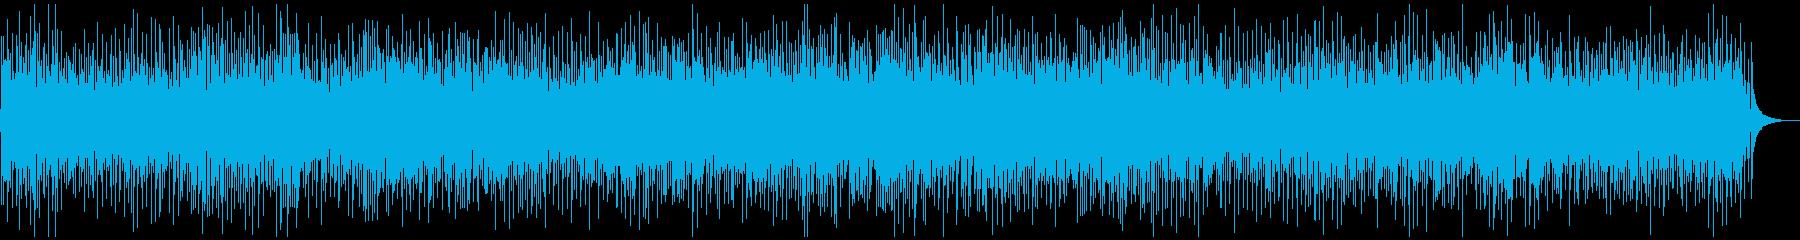 シンプル、軽快なブルーグラスの再生済みの波形